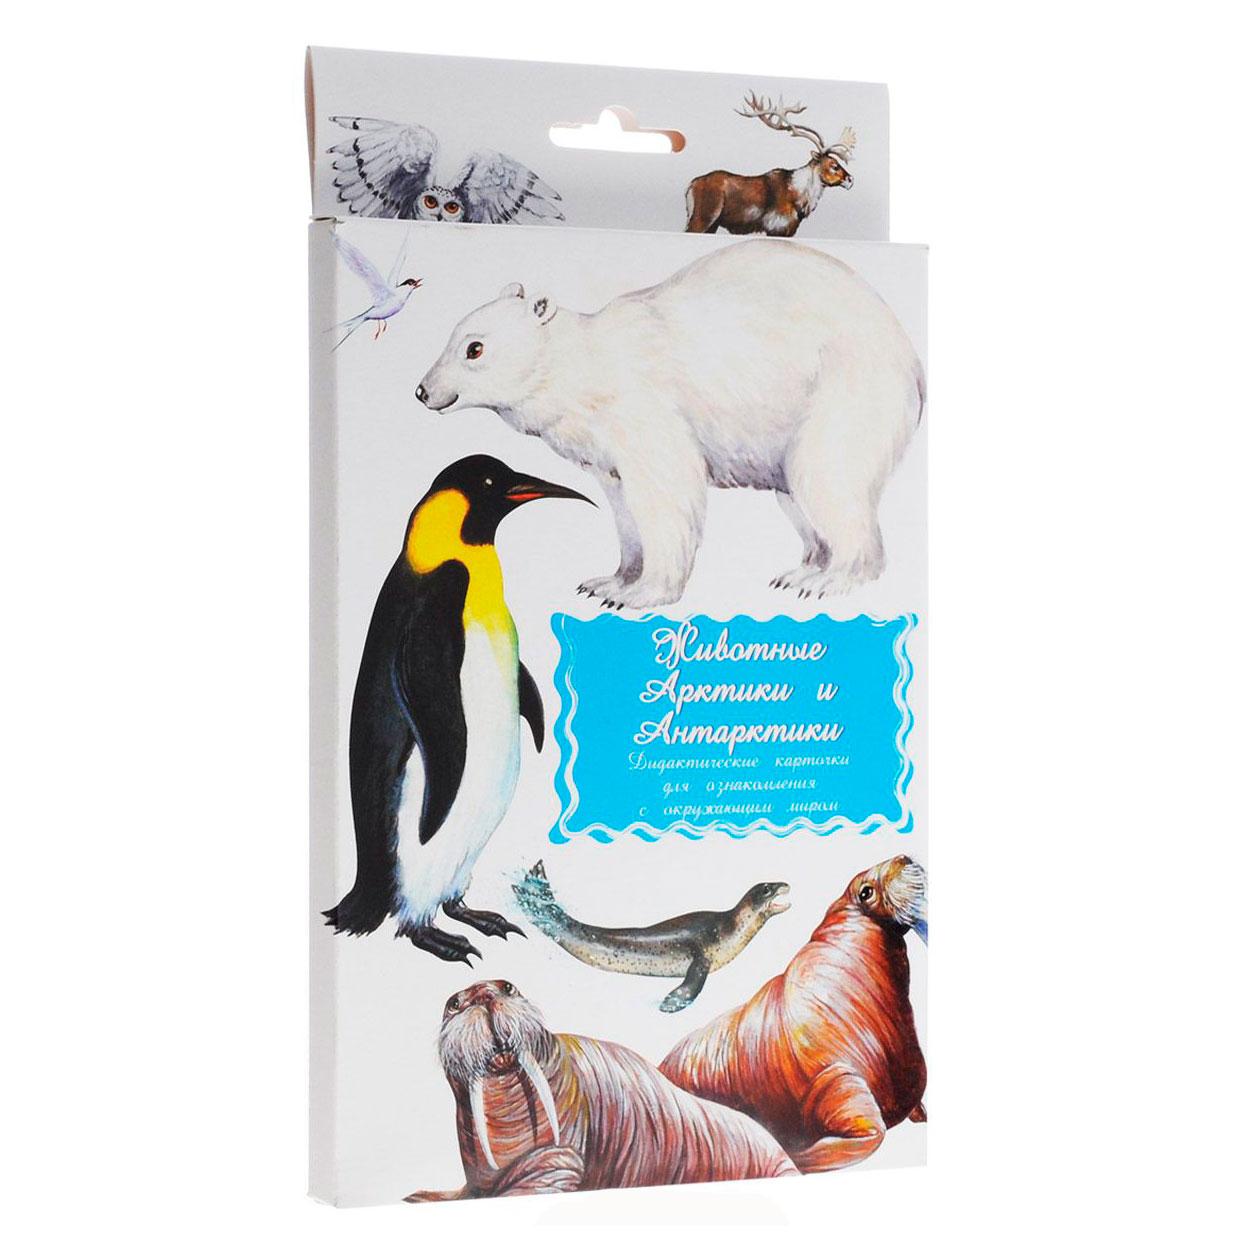 Дидактические карточки Маленький гений Животные Арктики и Антарктики<br>